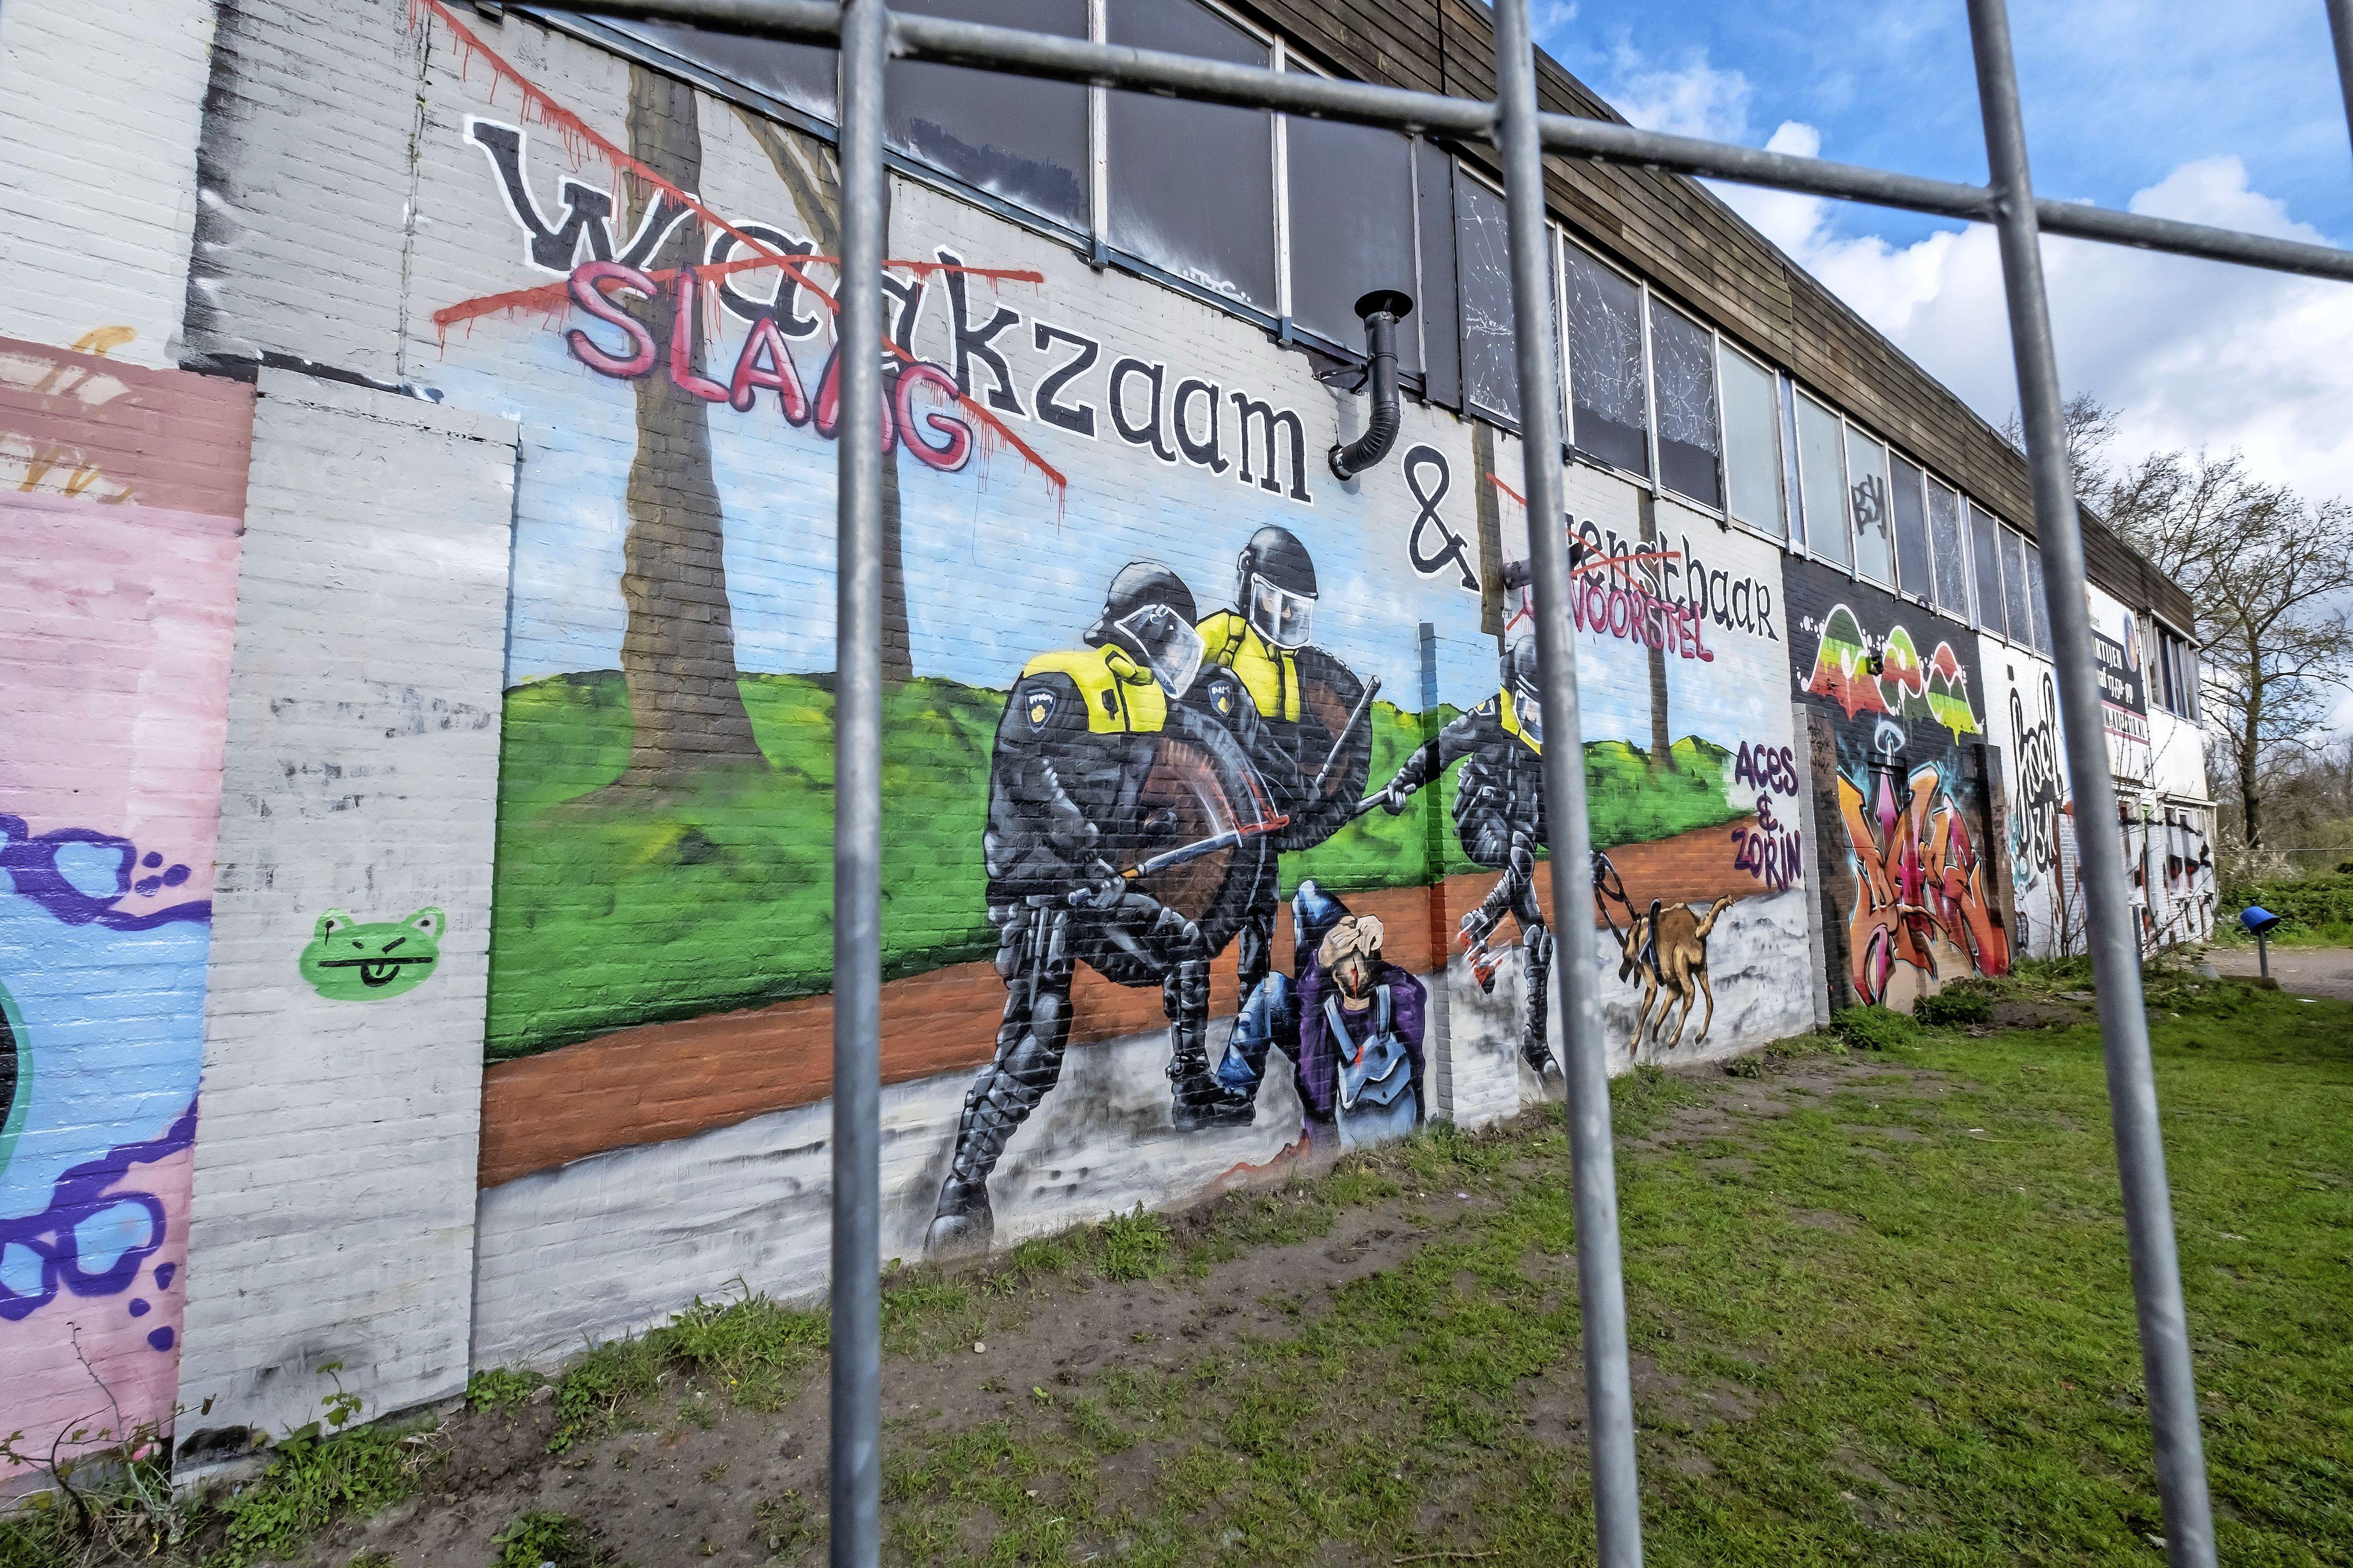 'Slaagzaam & Onvoorstelbaar' in plaats van het politiemotto 'Waakzaam & Dienstbaar'. Kritiek op politieoptreden in kolossaal graffitiwerk op buitenmuur leegstaand pand Koelmalaan